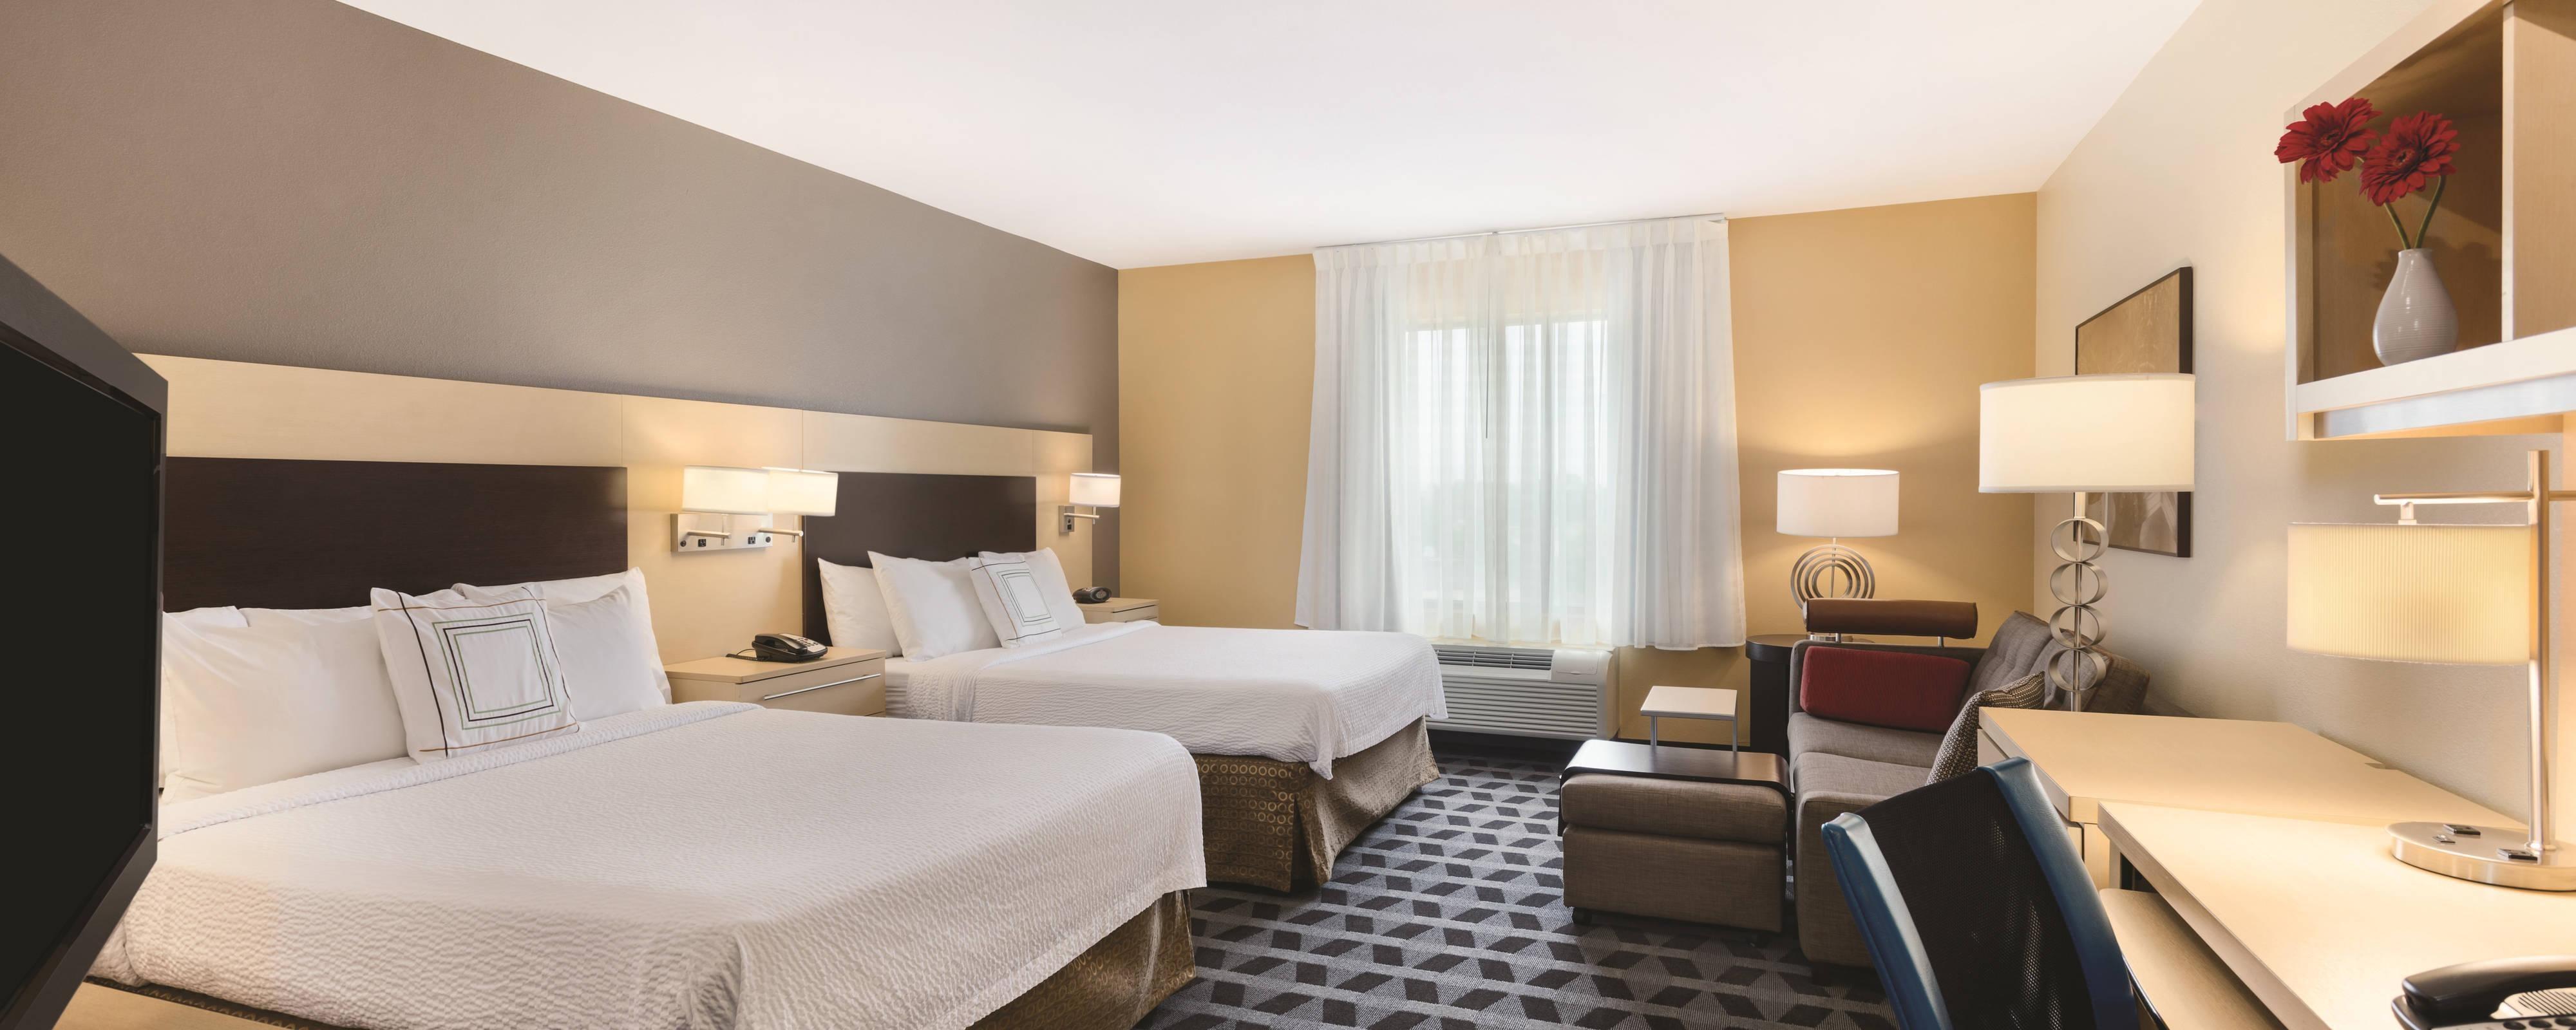 towneplace suites joliet south rh marriott com